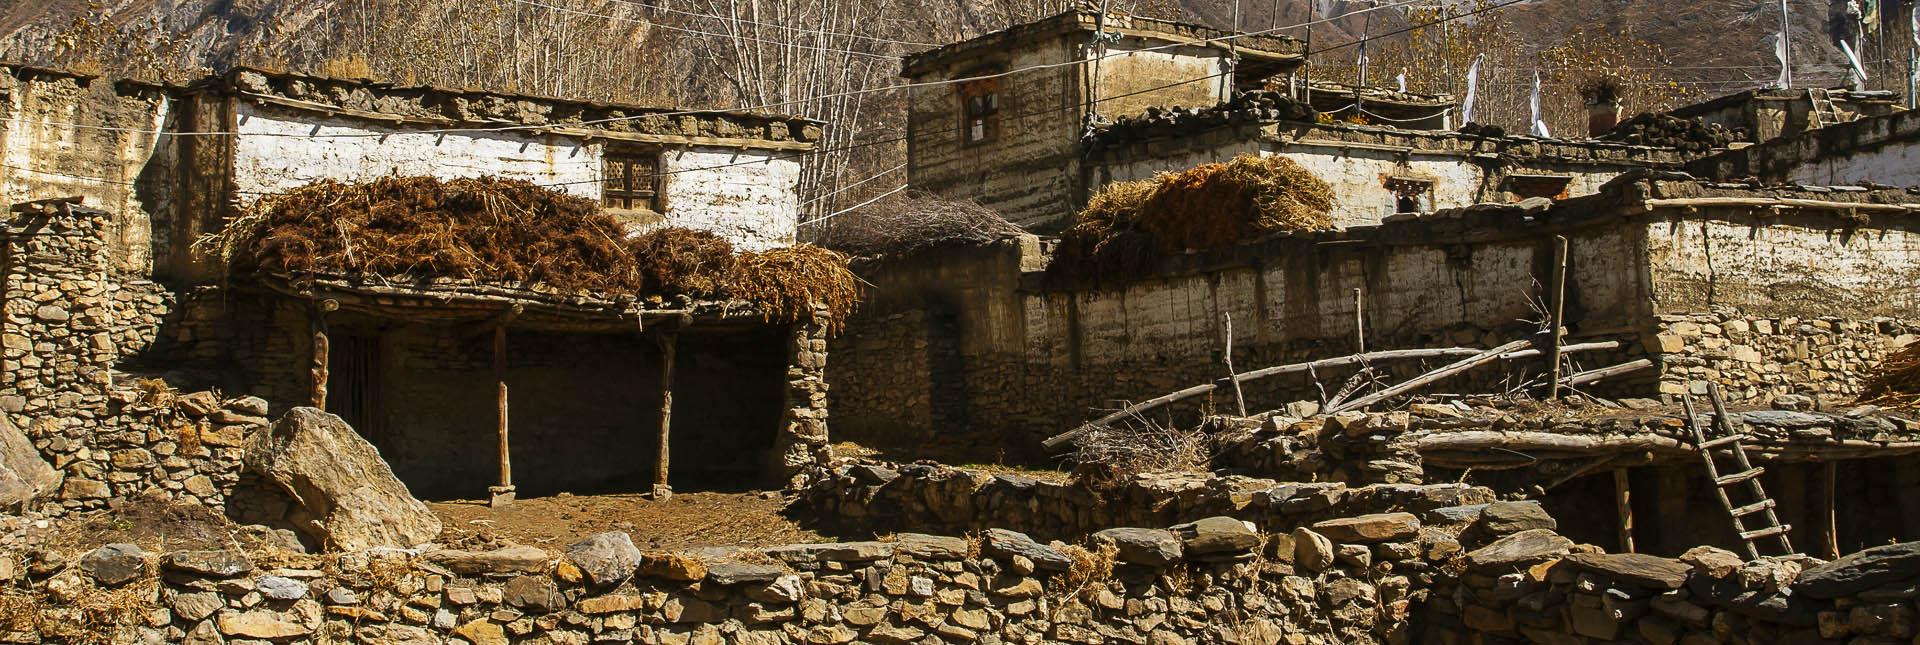 Village during the trek